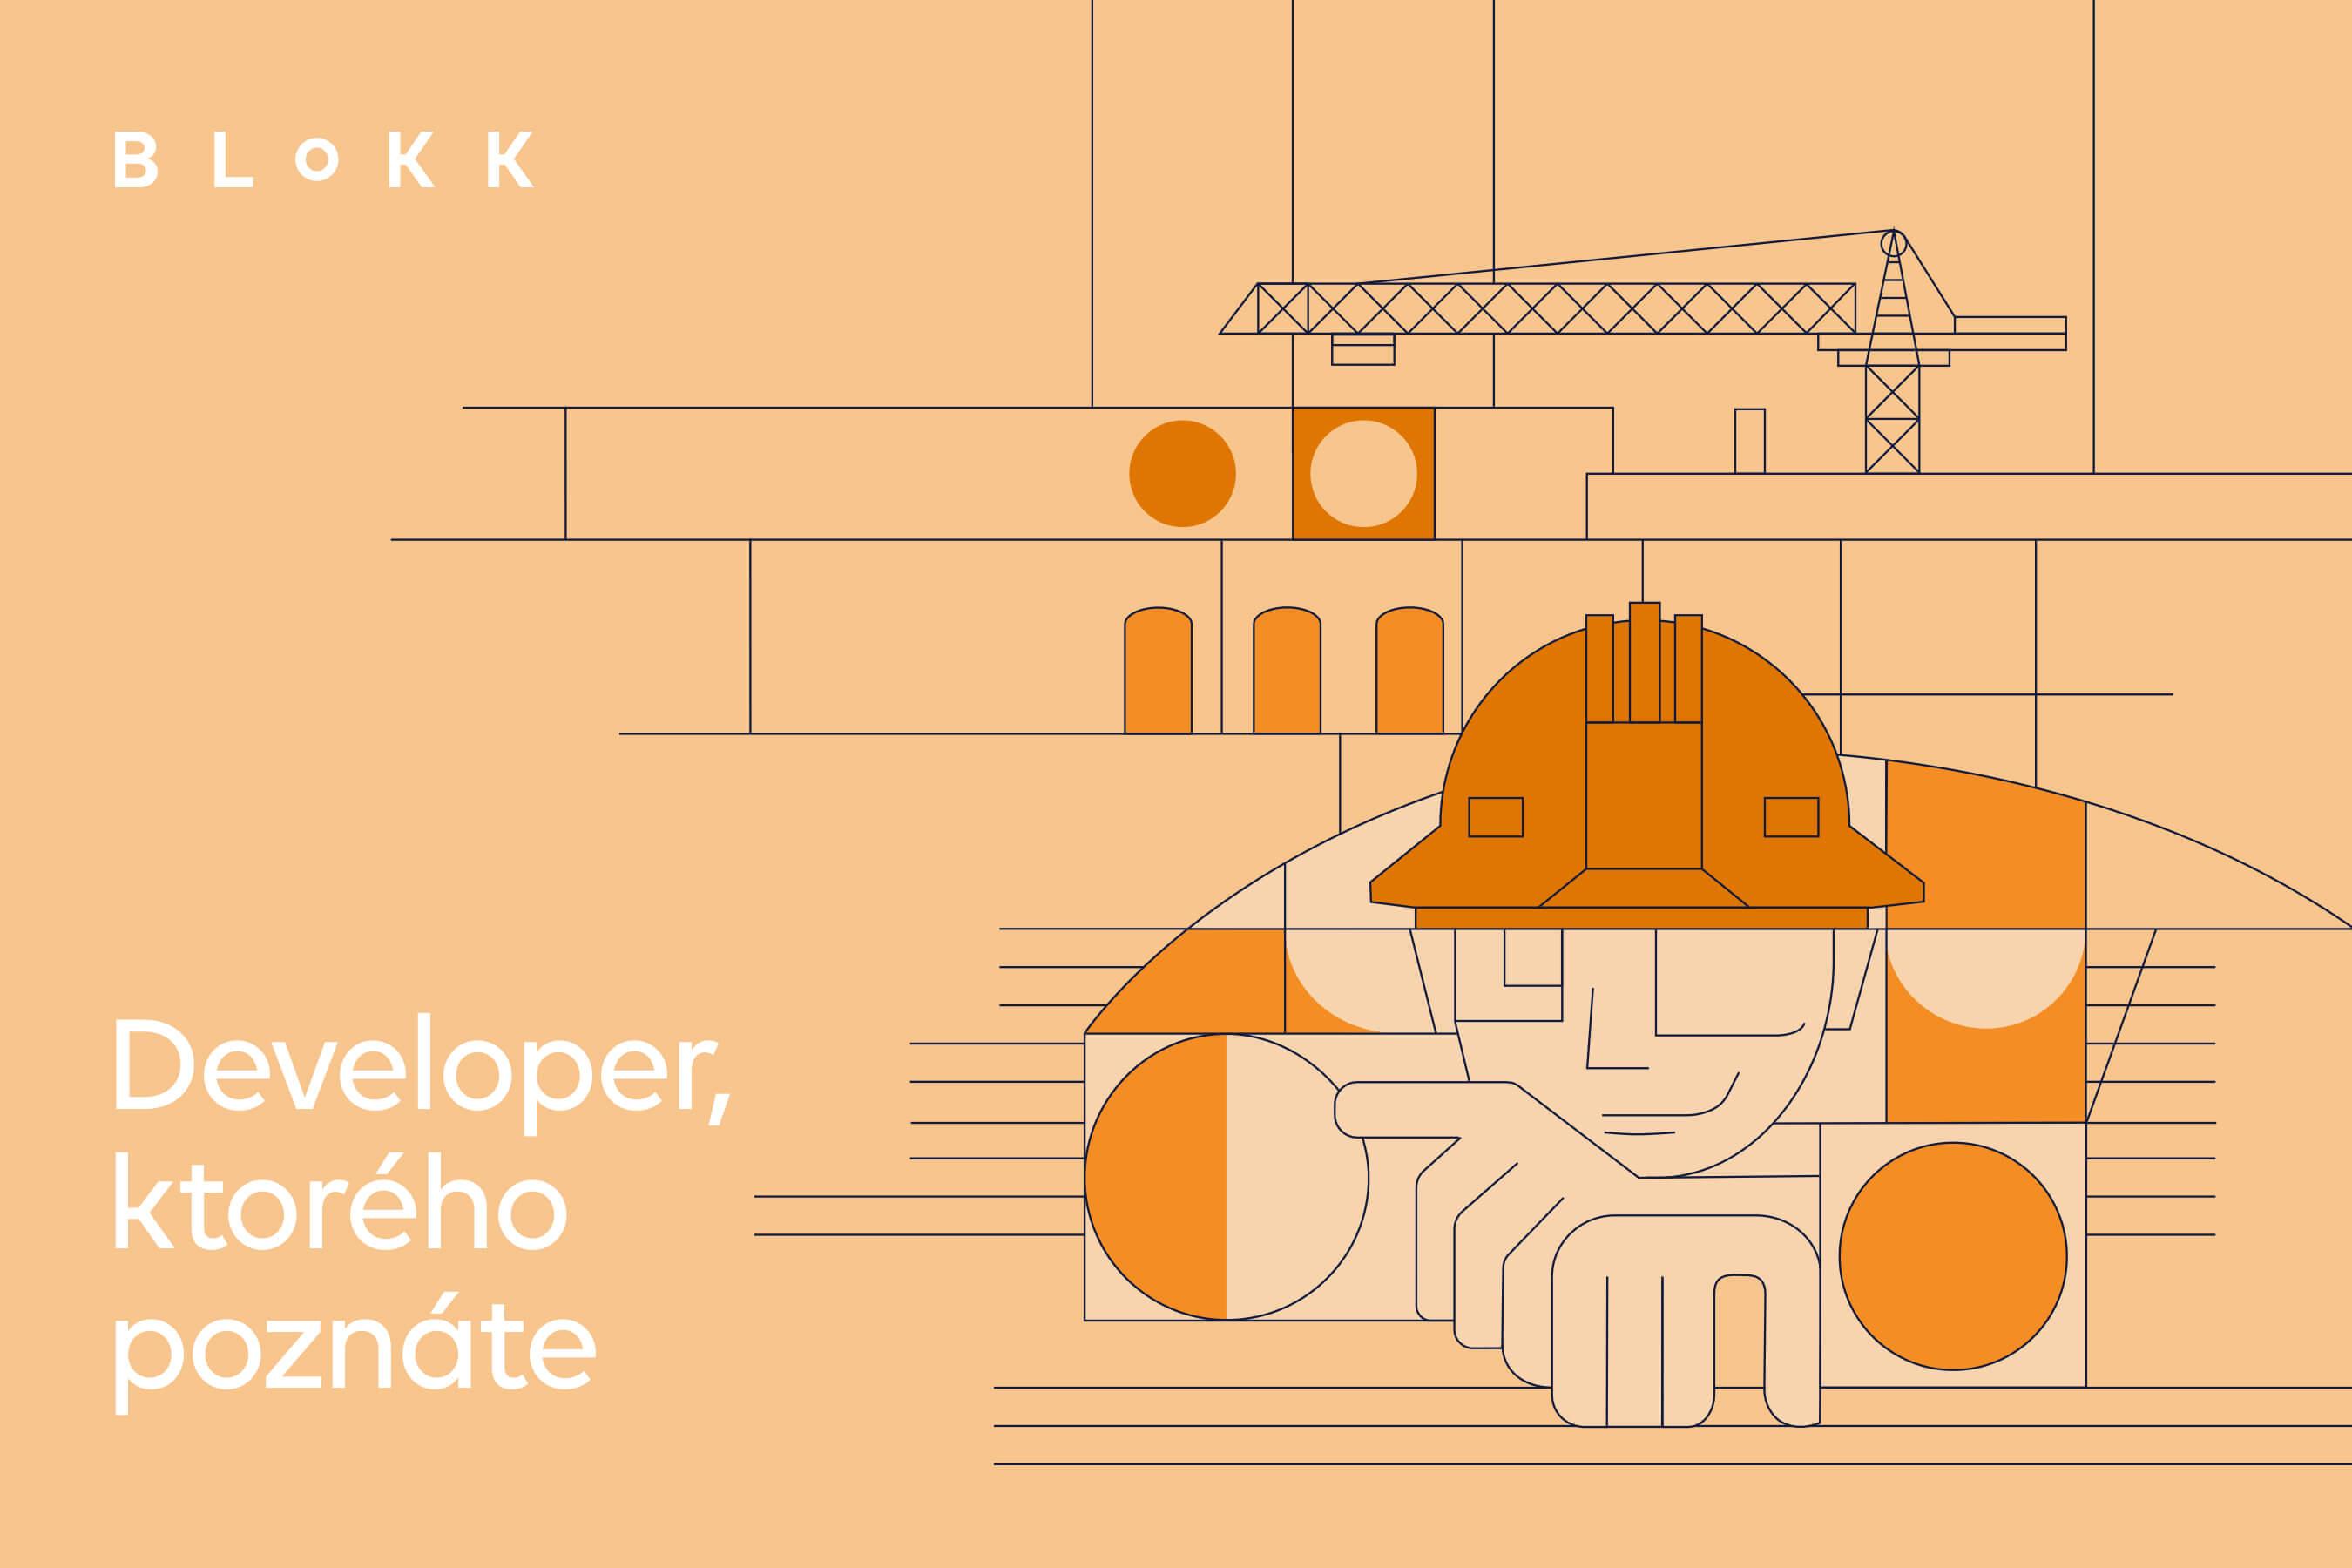 BLOKK_developer2